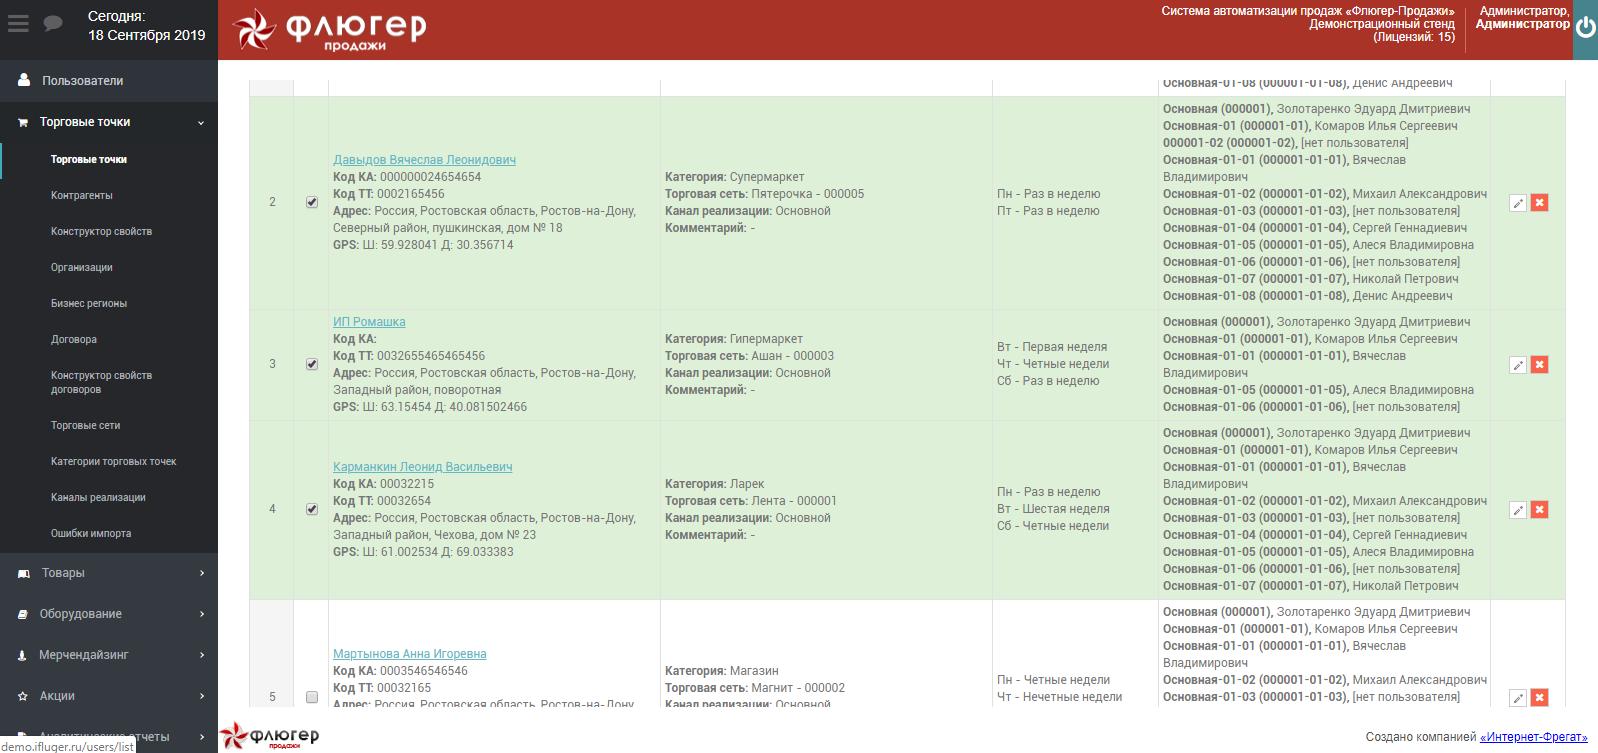 Просмотр списка торговых точек, по которым требуется проверка измененной информации